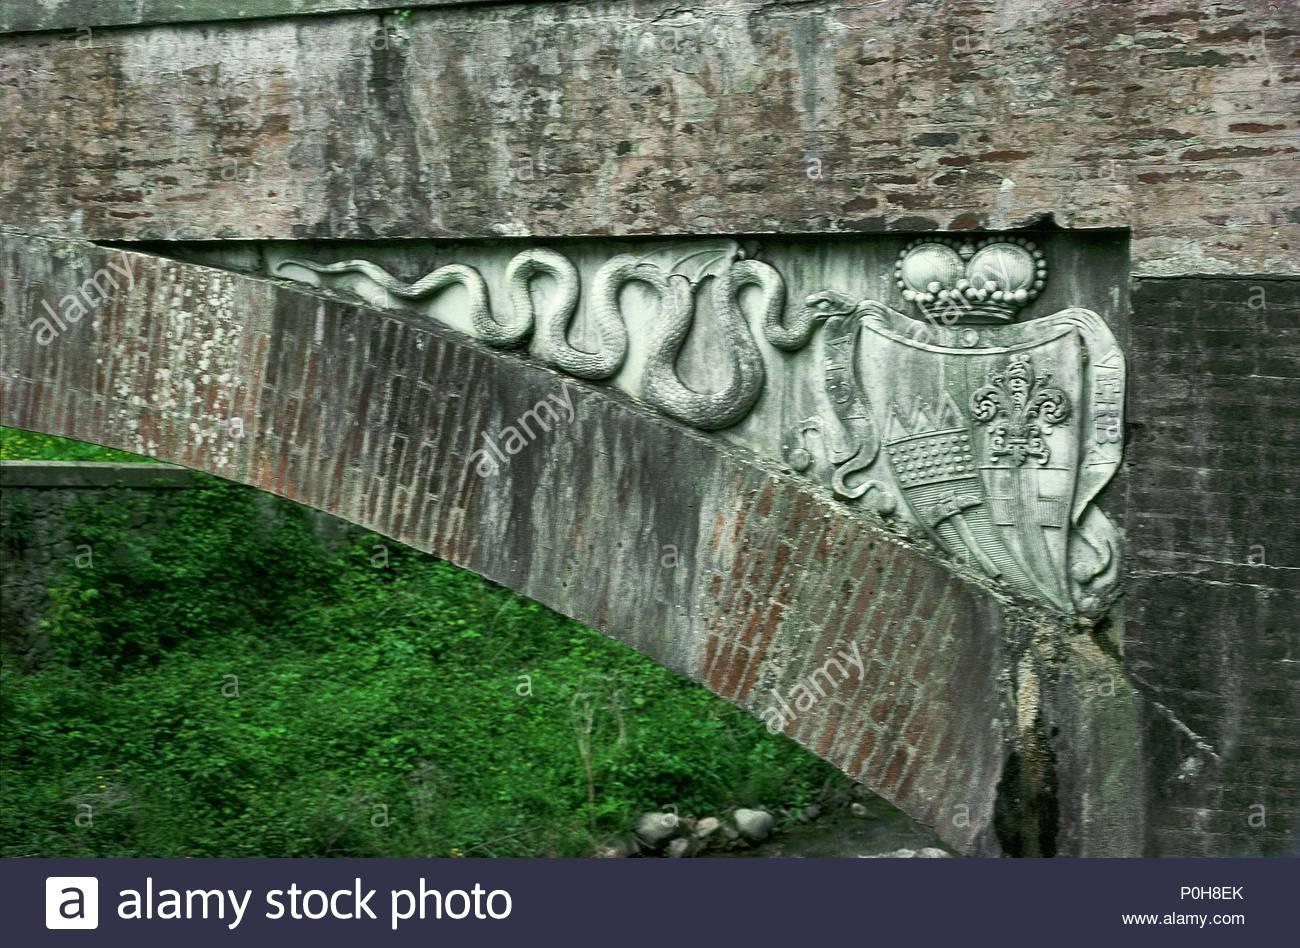 https://c8.alamy.com/compit/p0h8ek/bagni-di-lucca-demidoff-a-ponte-con-bracci-del-principe-nicolaus-demidoff-che-ha-costruito-il-padiglione-e-il-ponte-durante-i-suoi-numerosi-soggiorni-nelle-terme-sperando-di-curare-la-sua-gotta-posizione-bagni-termali-di-bagni-di-lucca-italia-p0h8ek.jpg